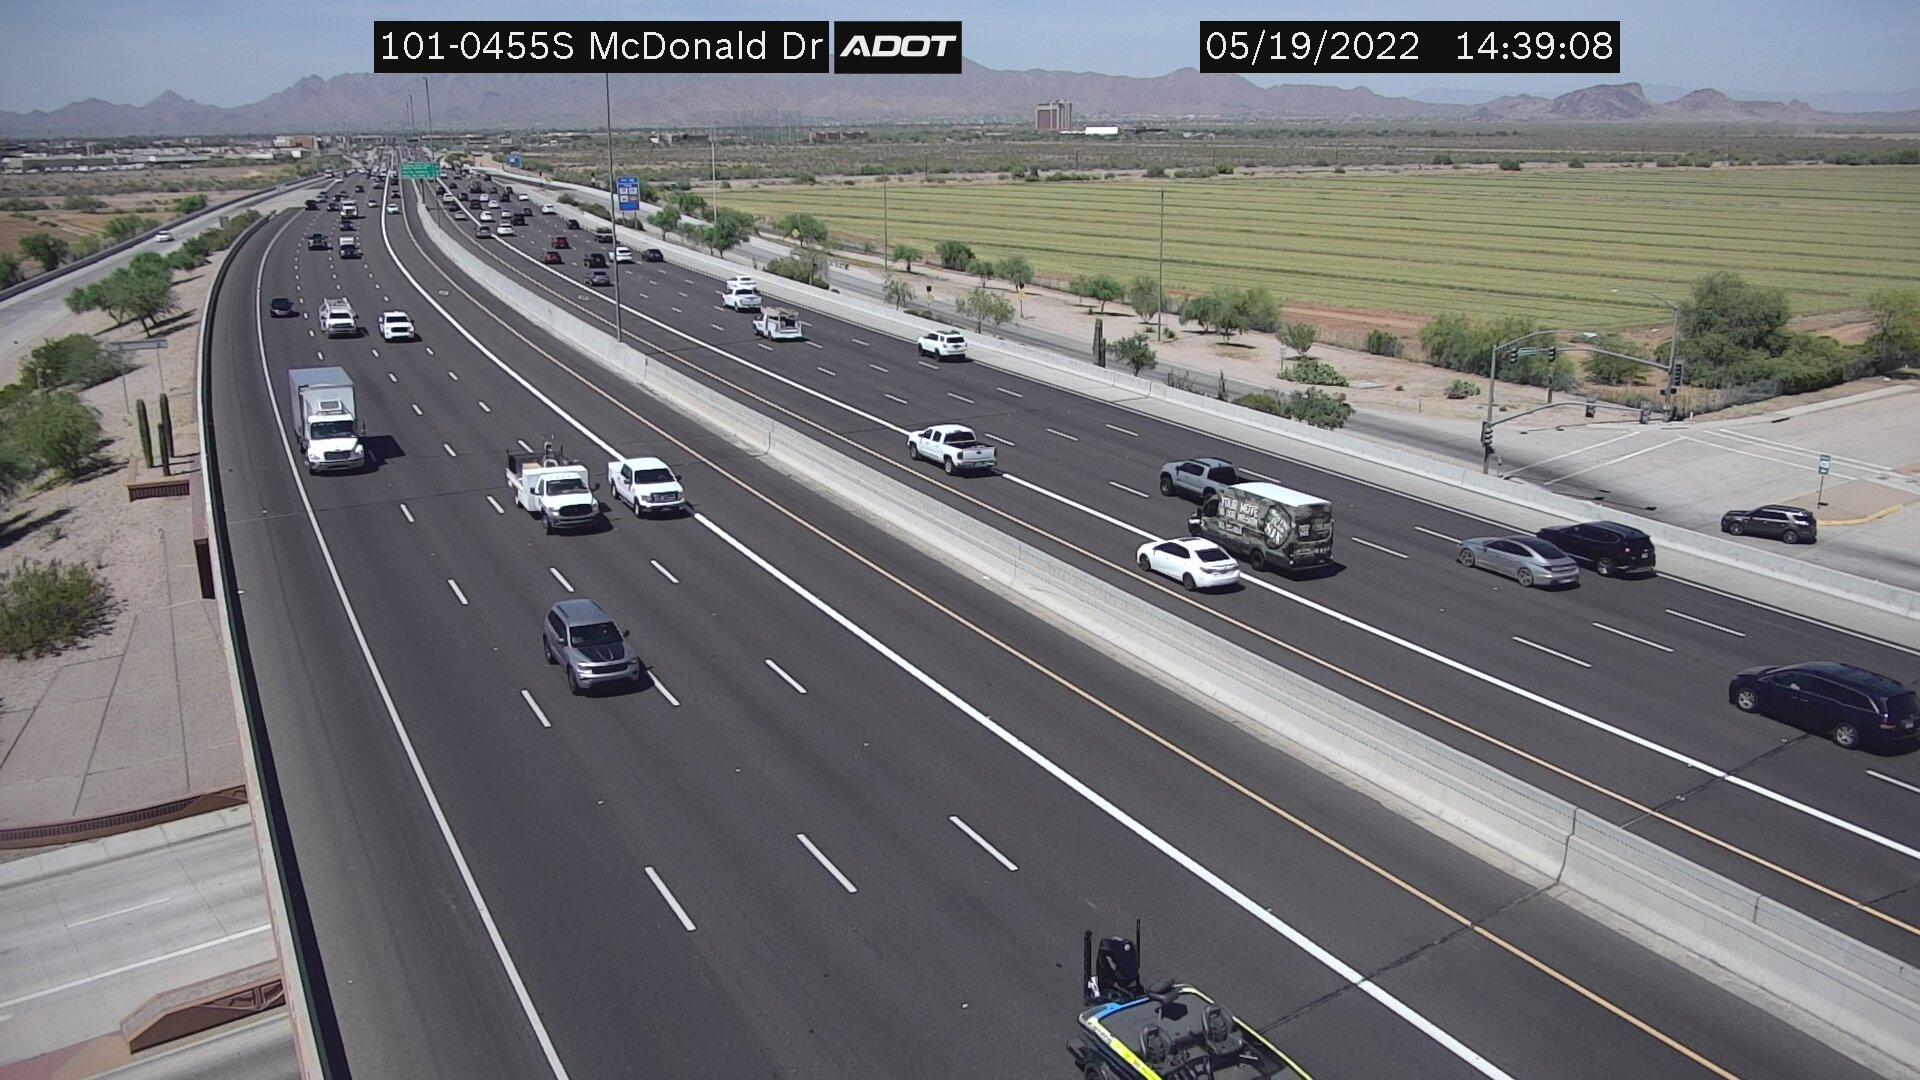 McDonald Dr. SB (L101) (140) - Phoenix and Arizona